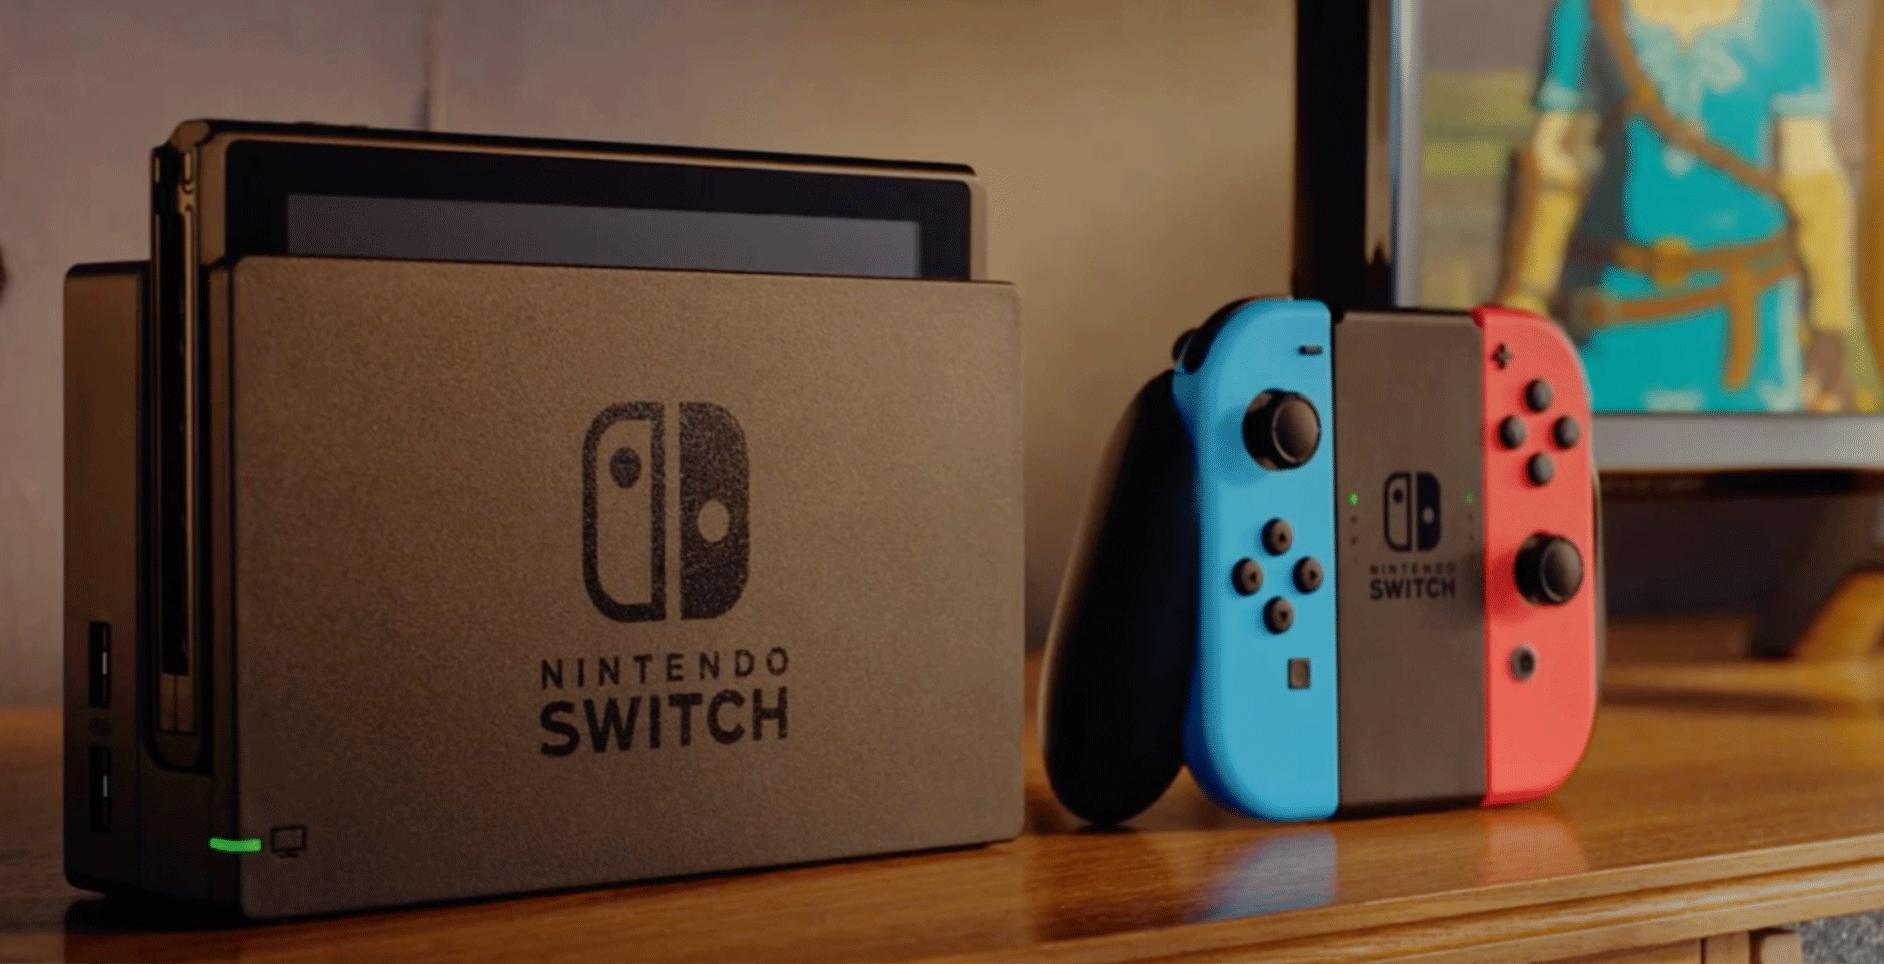 Nintendo Switch: reset, spegnimento e riavvio - ChimeraRevo